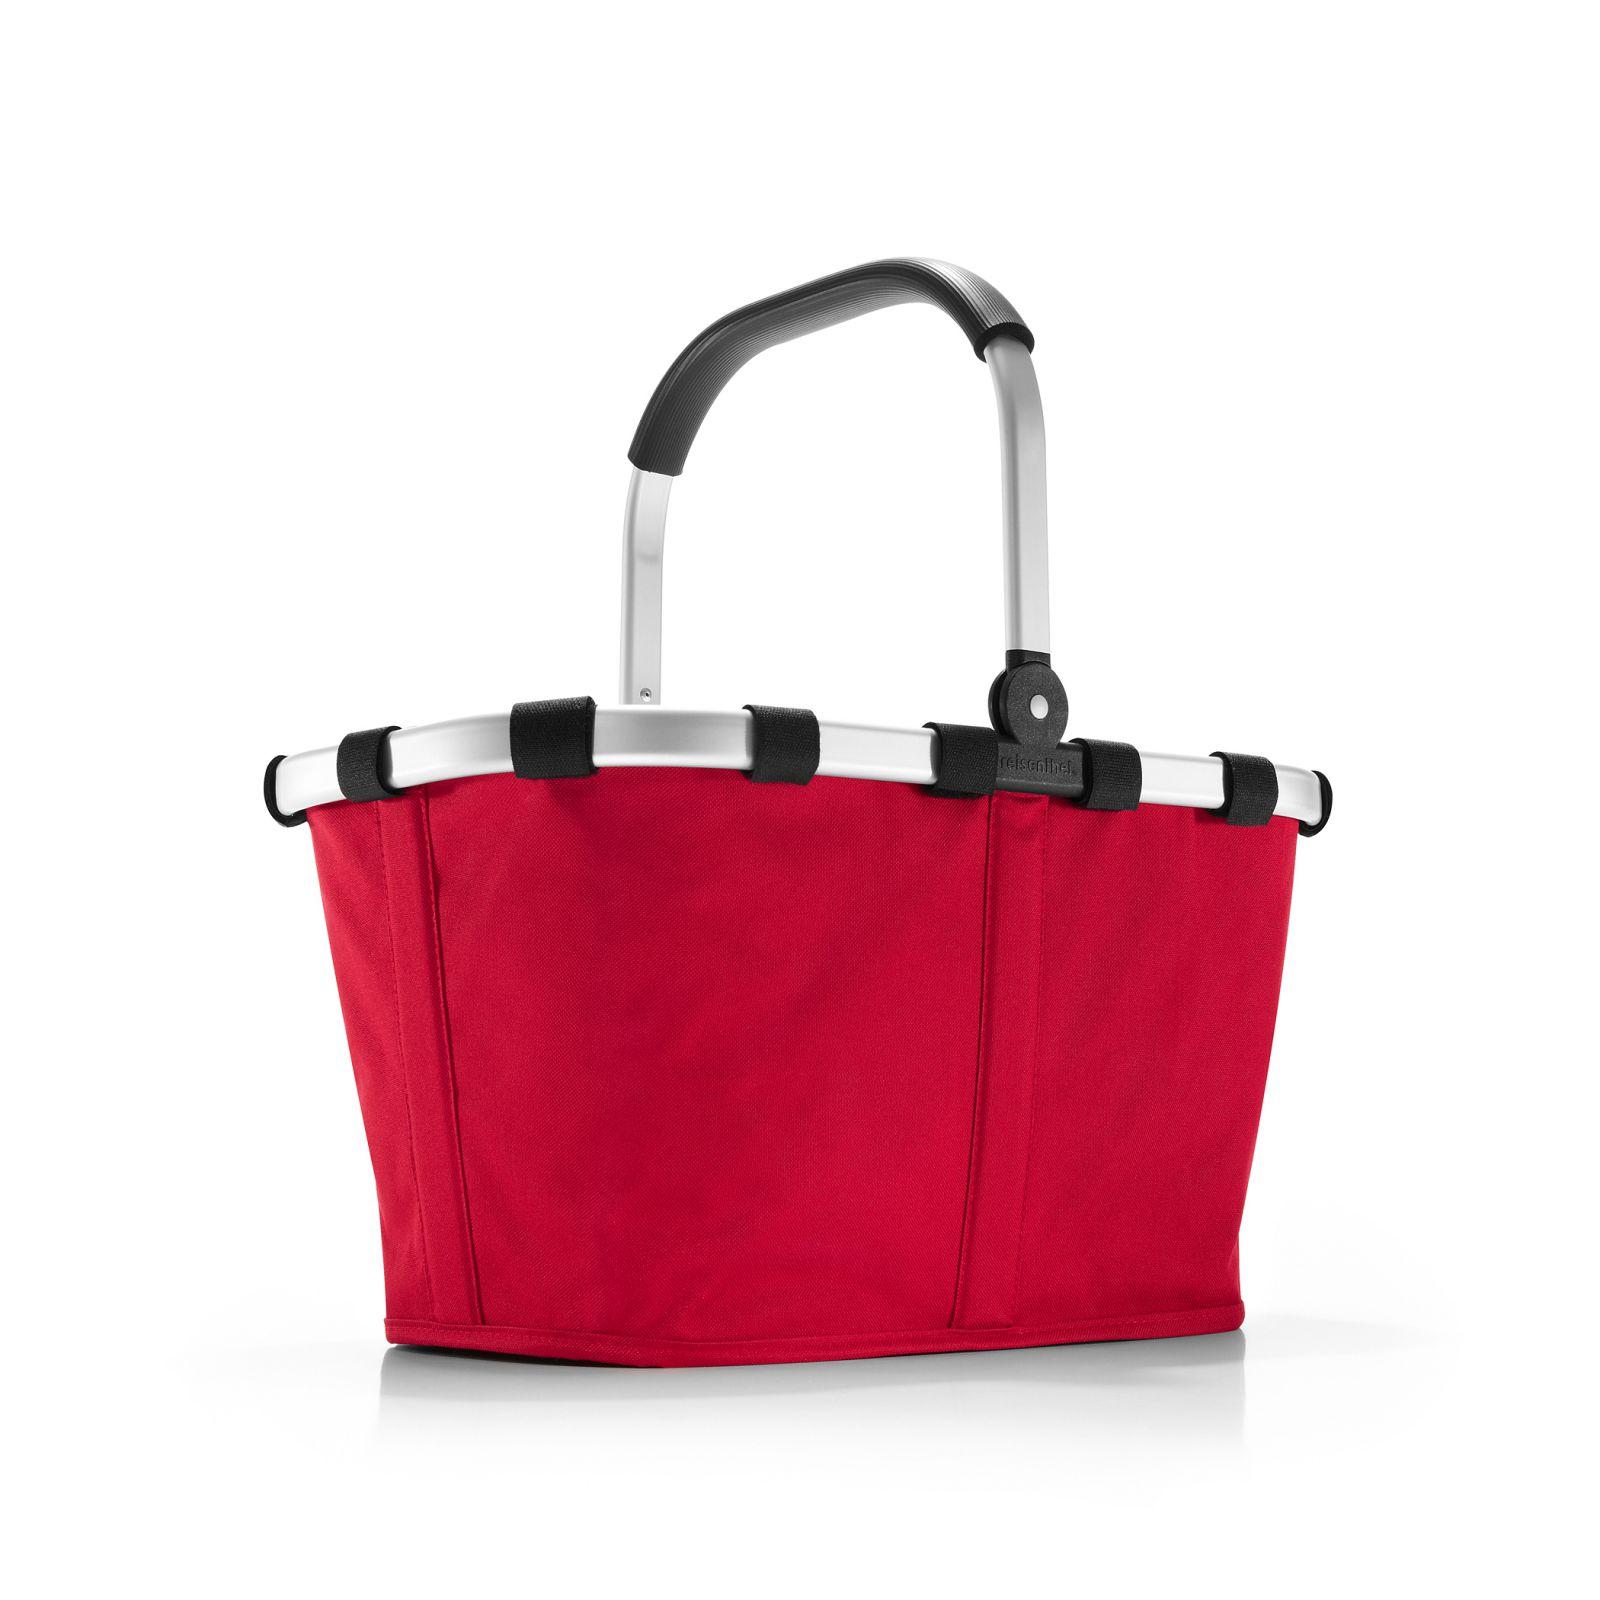 Reisenthel CarryBag Red E-batoh